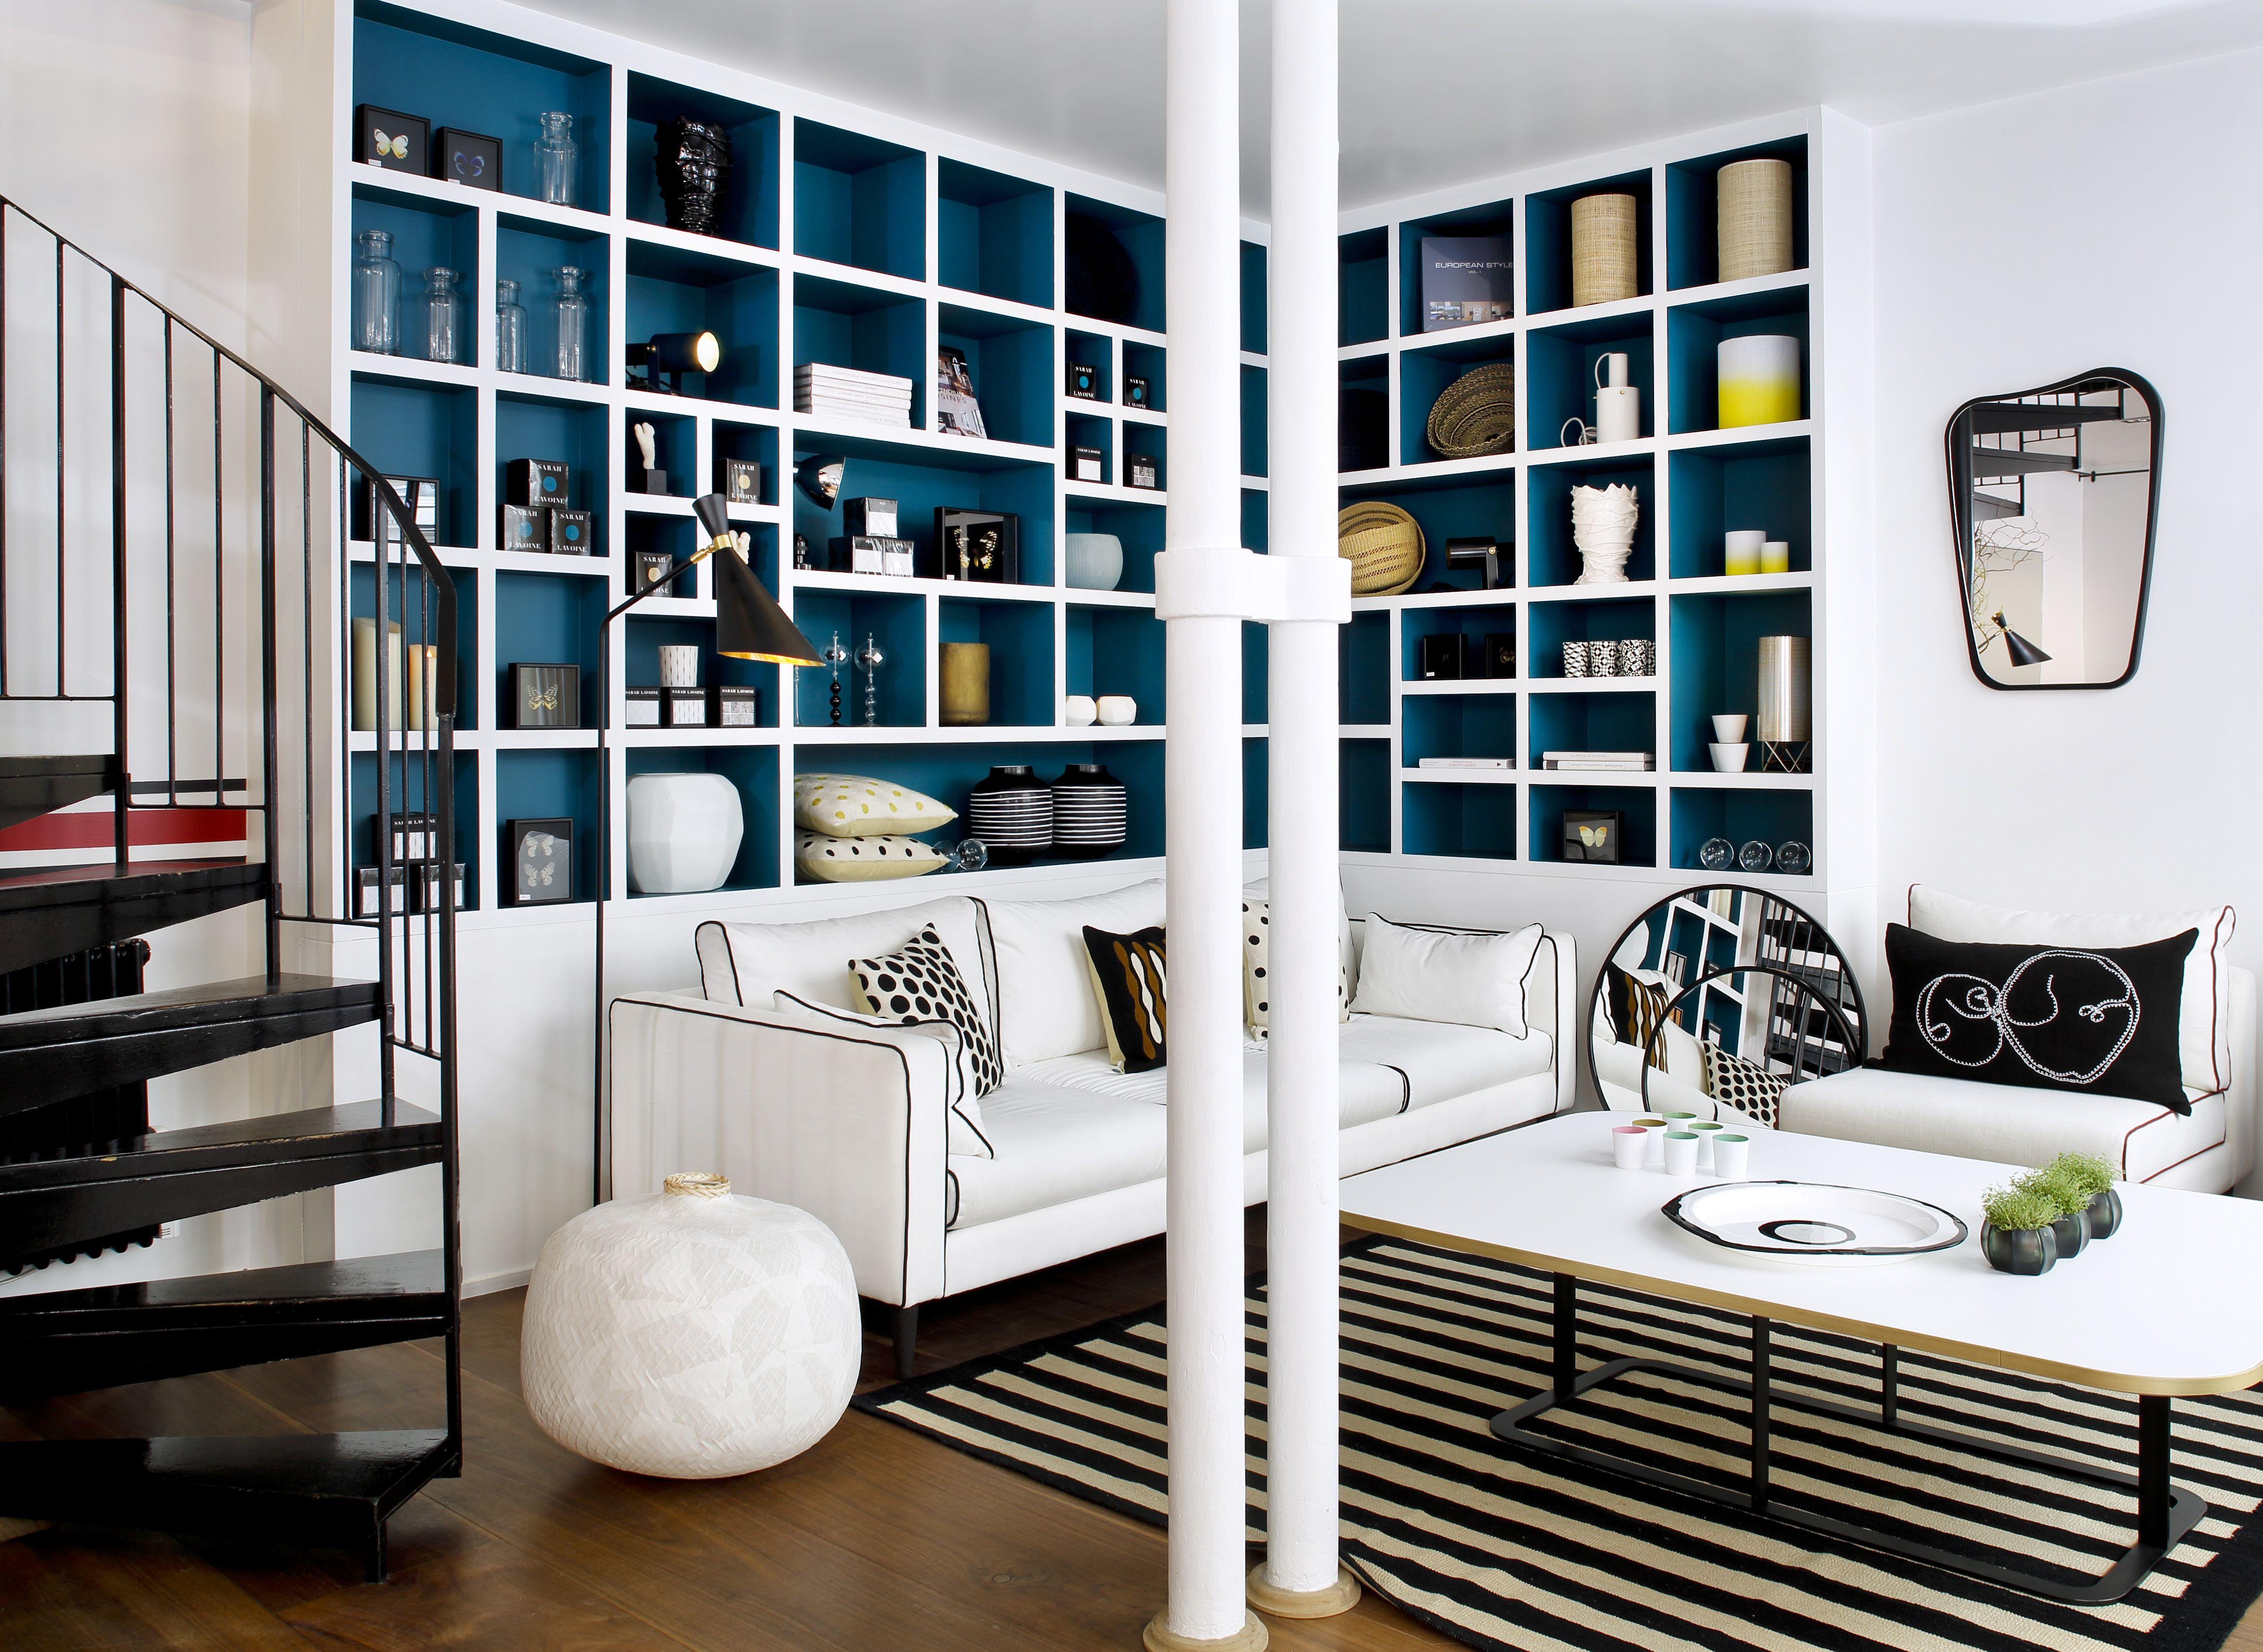 la biblioth que de la boutique sarah lavoine paris. Black Bedroom Furniture Sets. Home Design Ideas